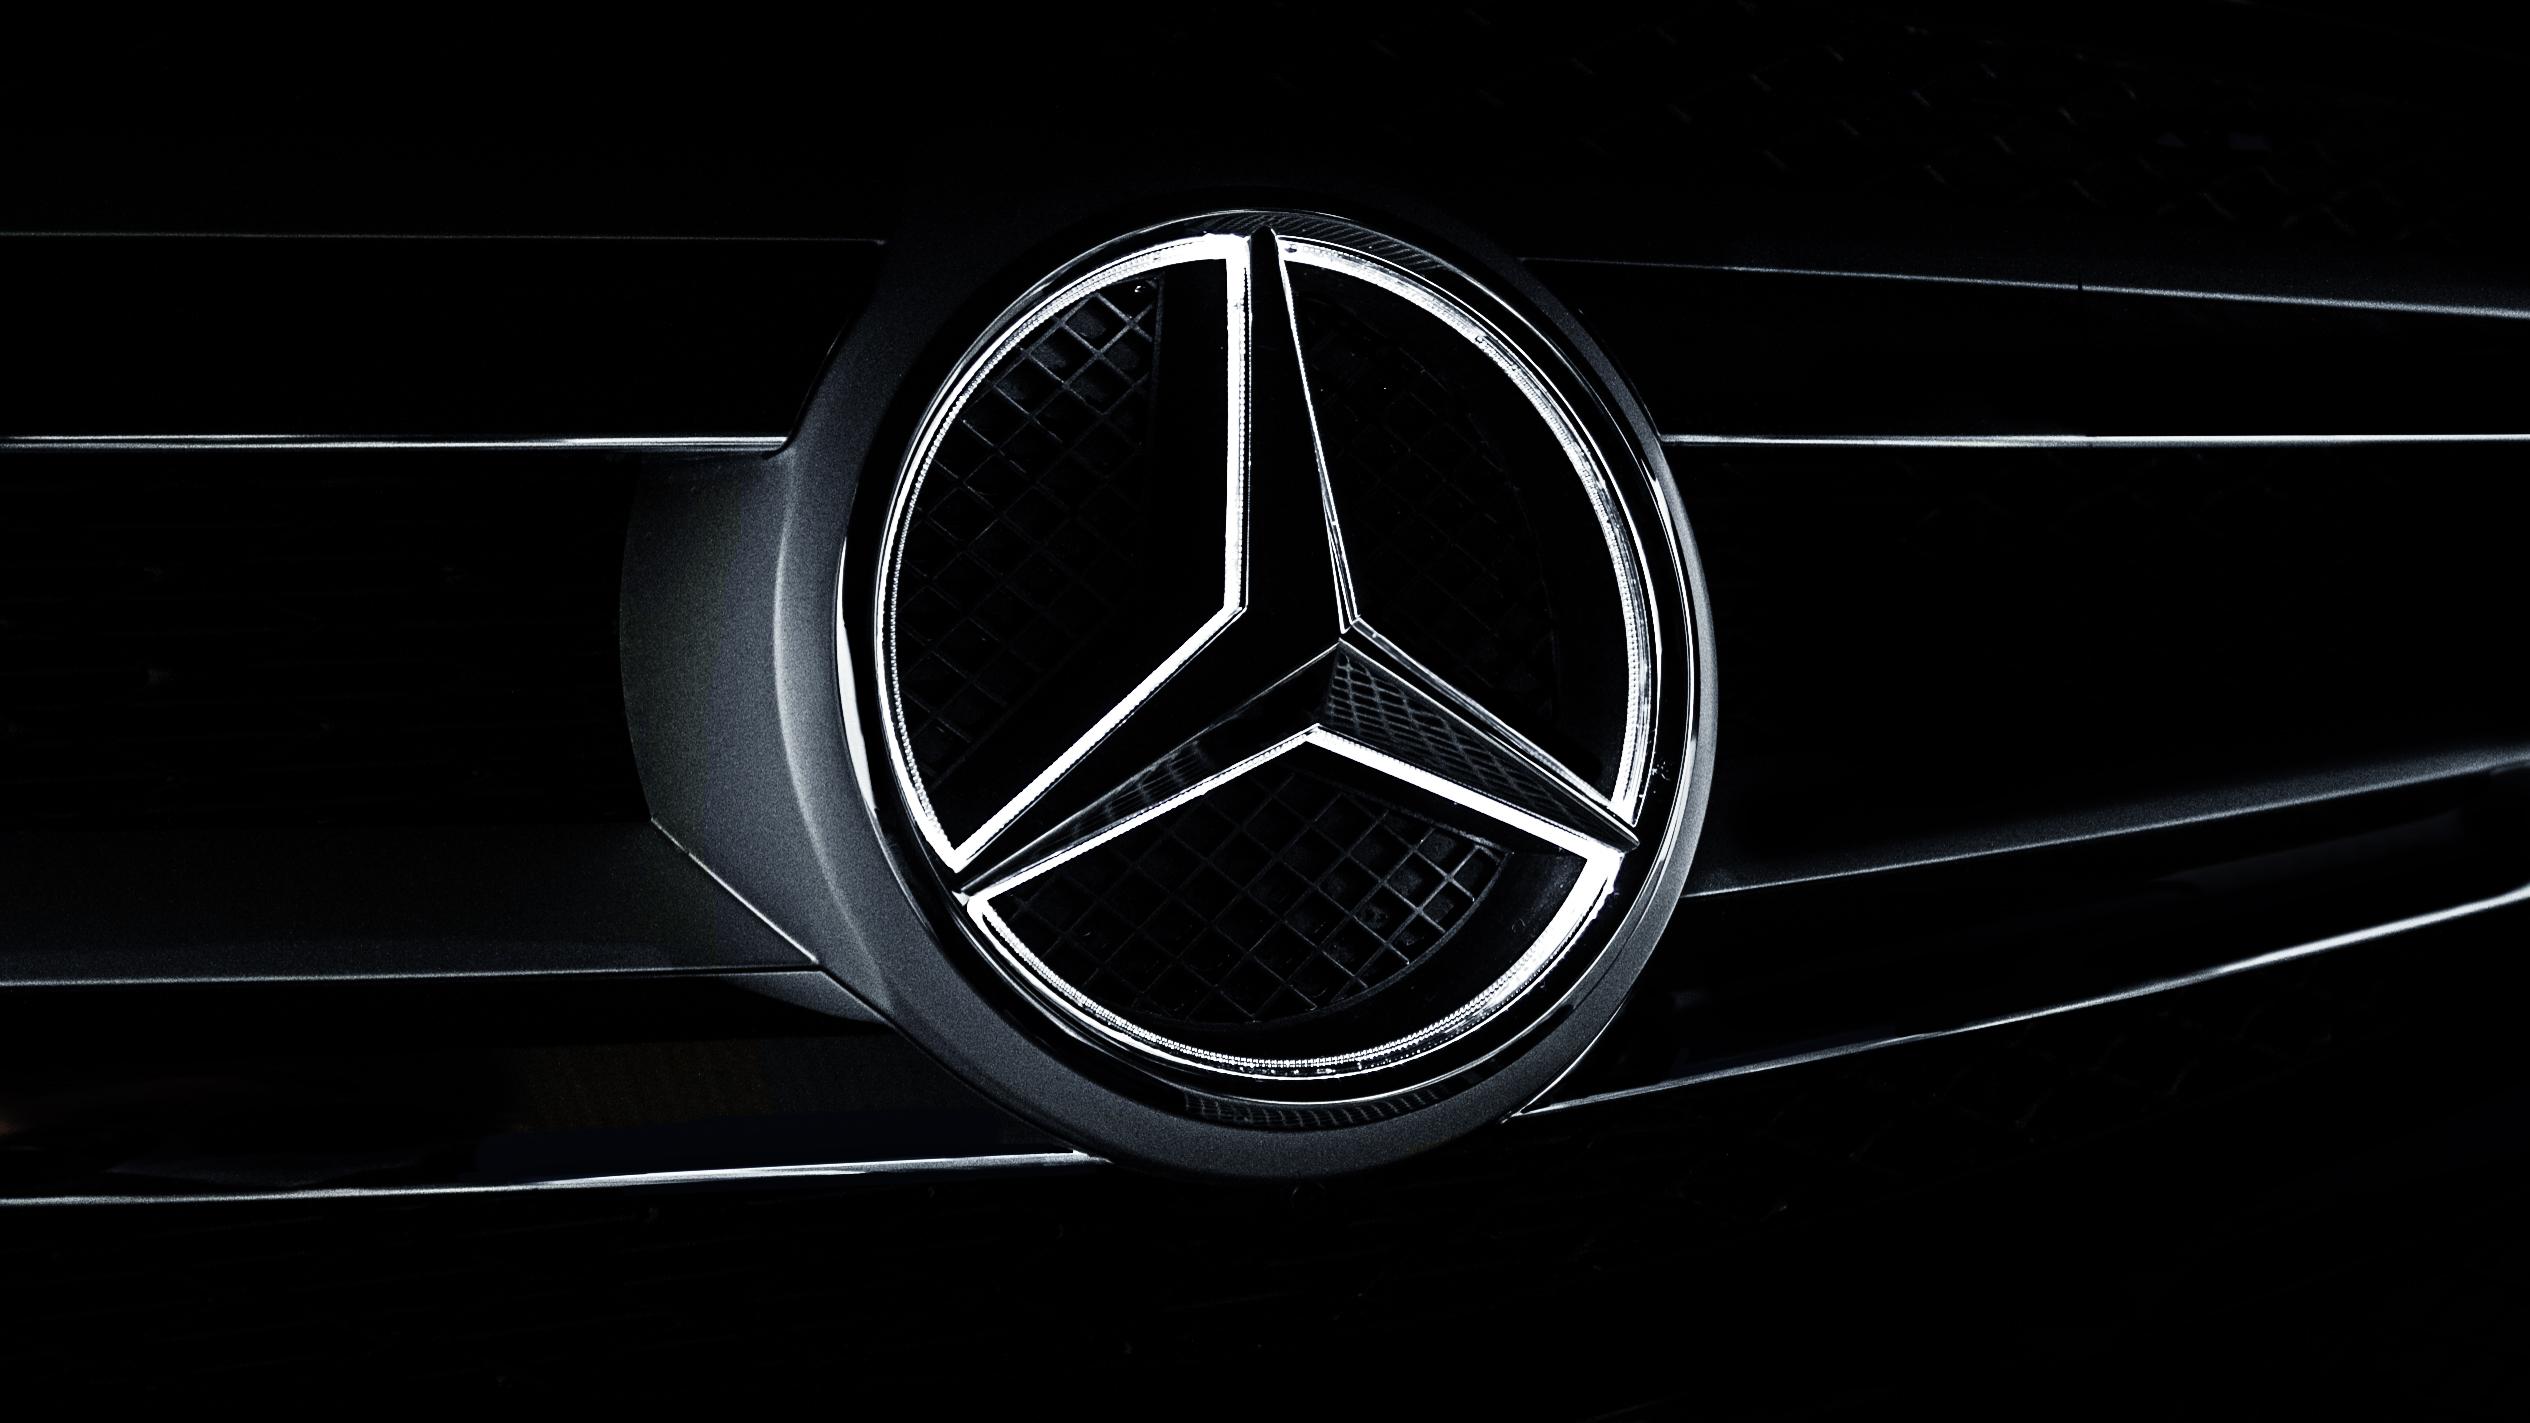 ТОП-5 трюков сучастием автомобилей Mercedes-Benz показали навидео